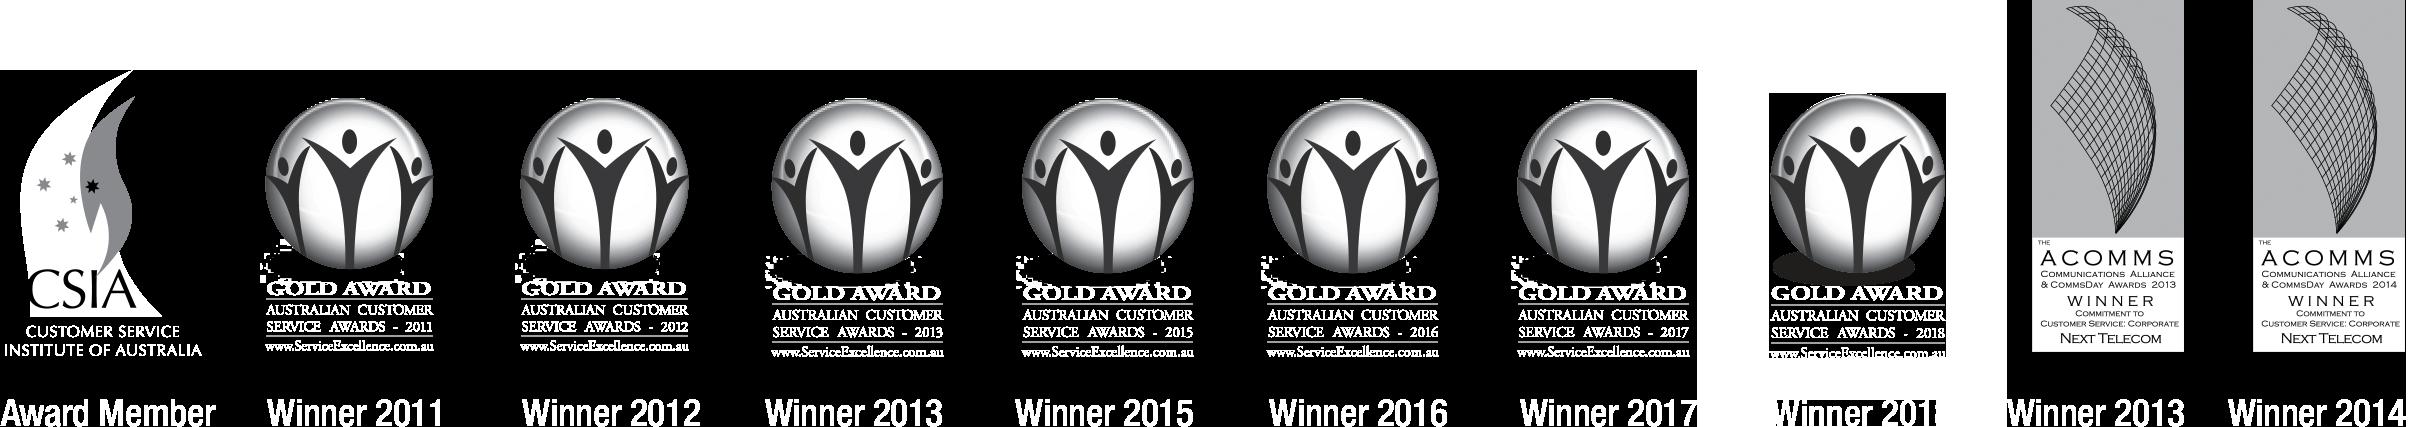 Next Telecom Awards for Customer Service